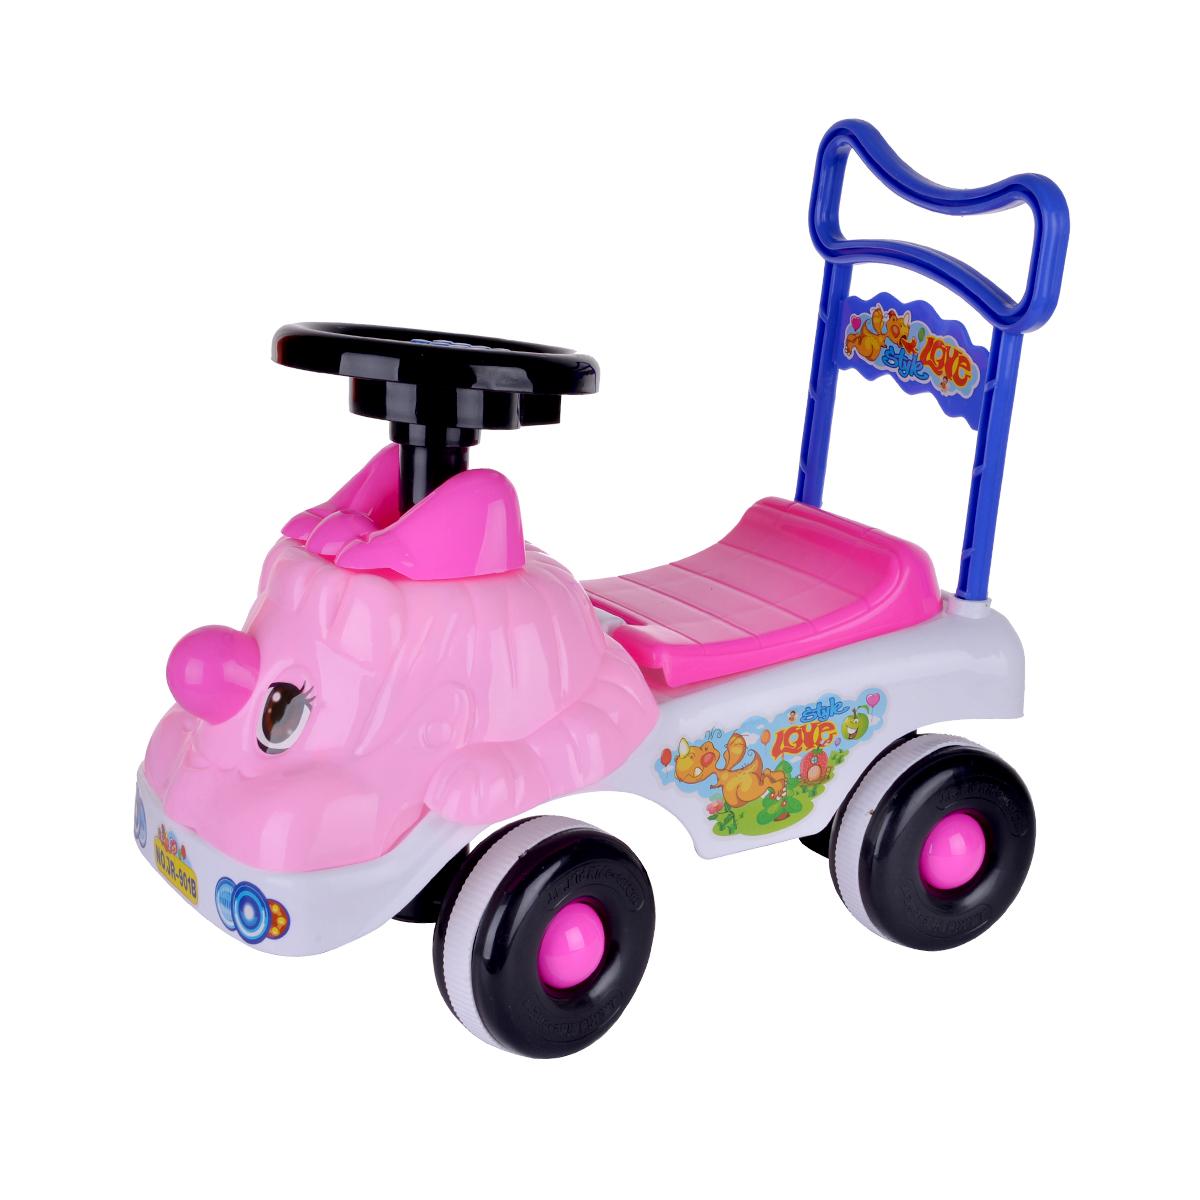 سيارة دفع للاطفال رقم 101541 - من ماي مارت